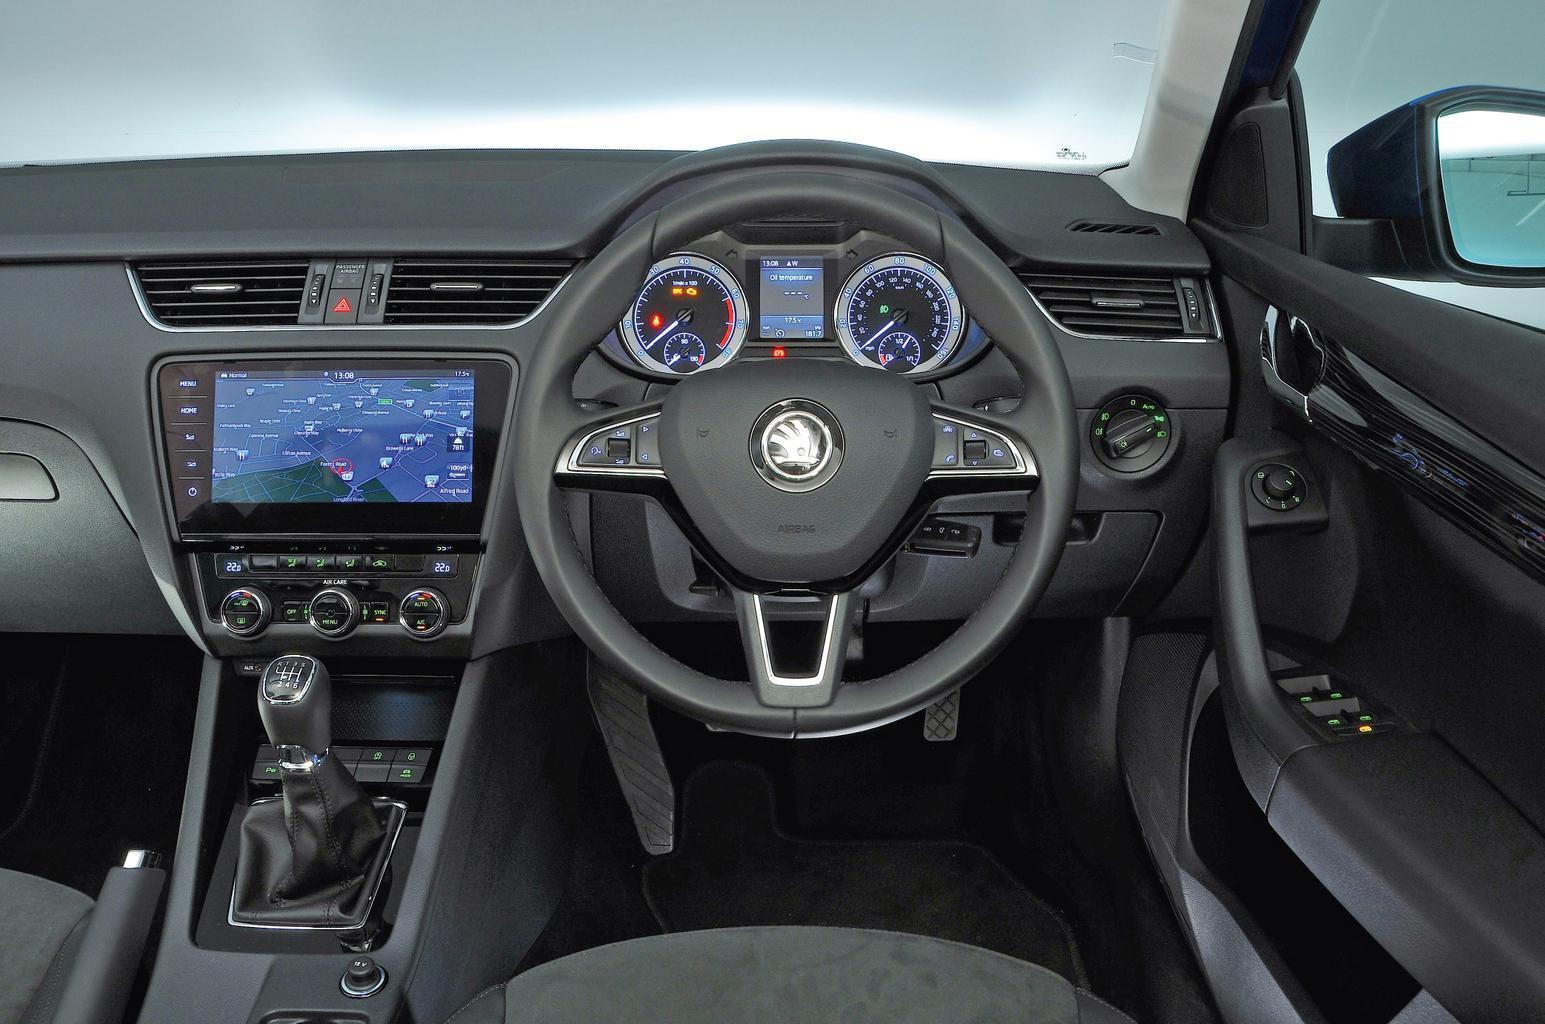 Skoda Octavia 1.5 TSI SE - interior